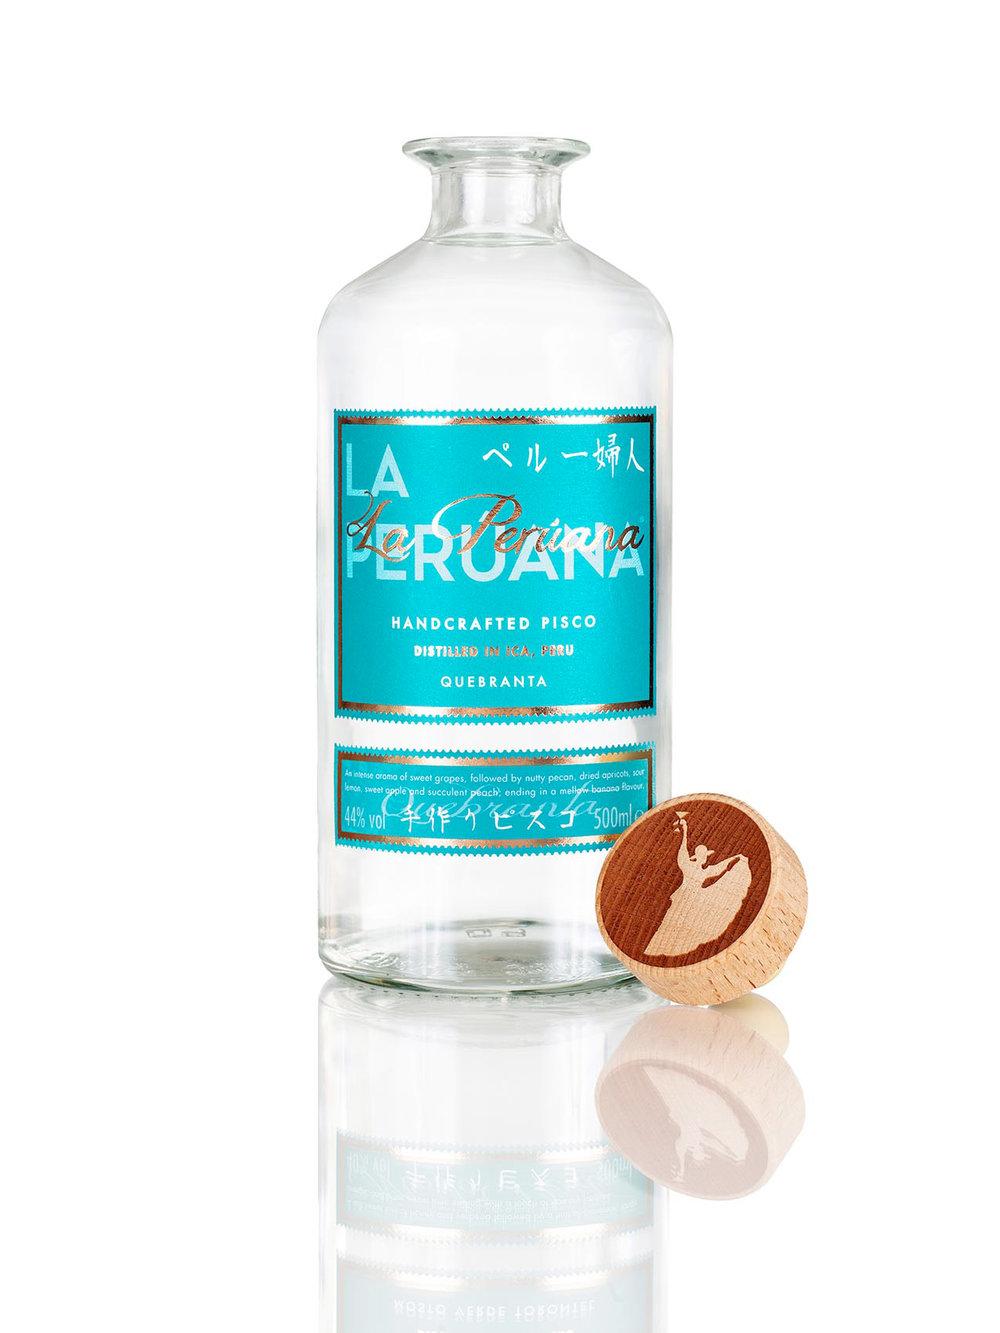 Besuchen Sie die La Perúana auf Laperúana.ch oder auf Instagram. -